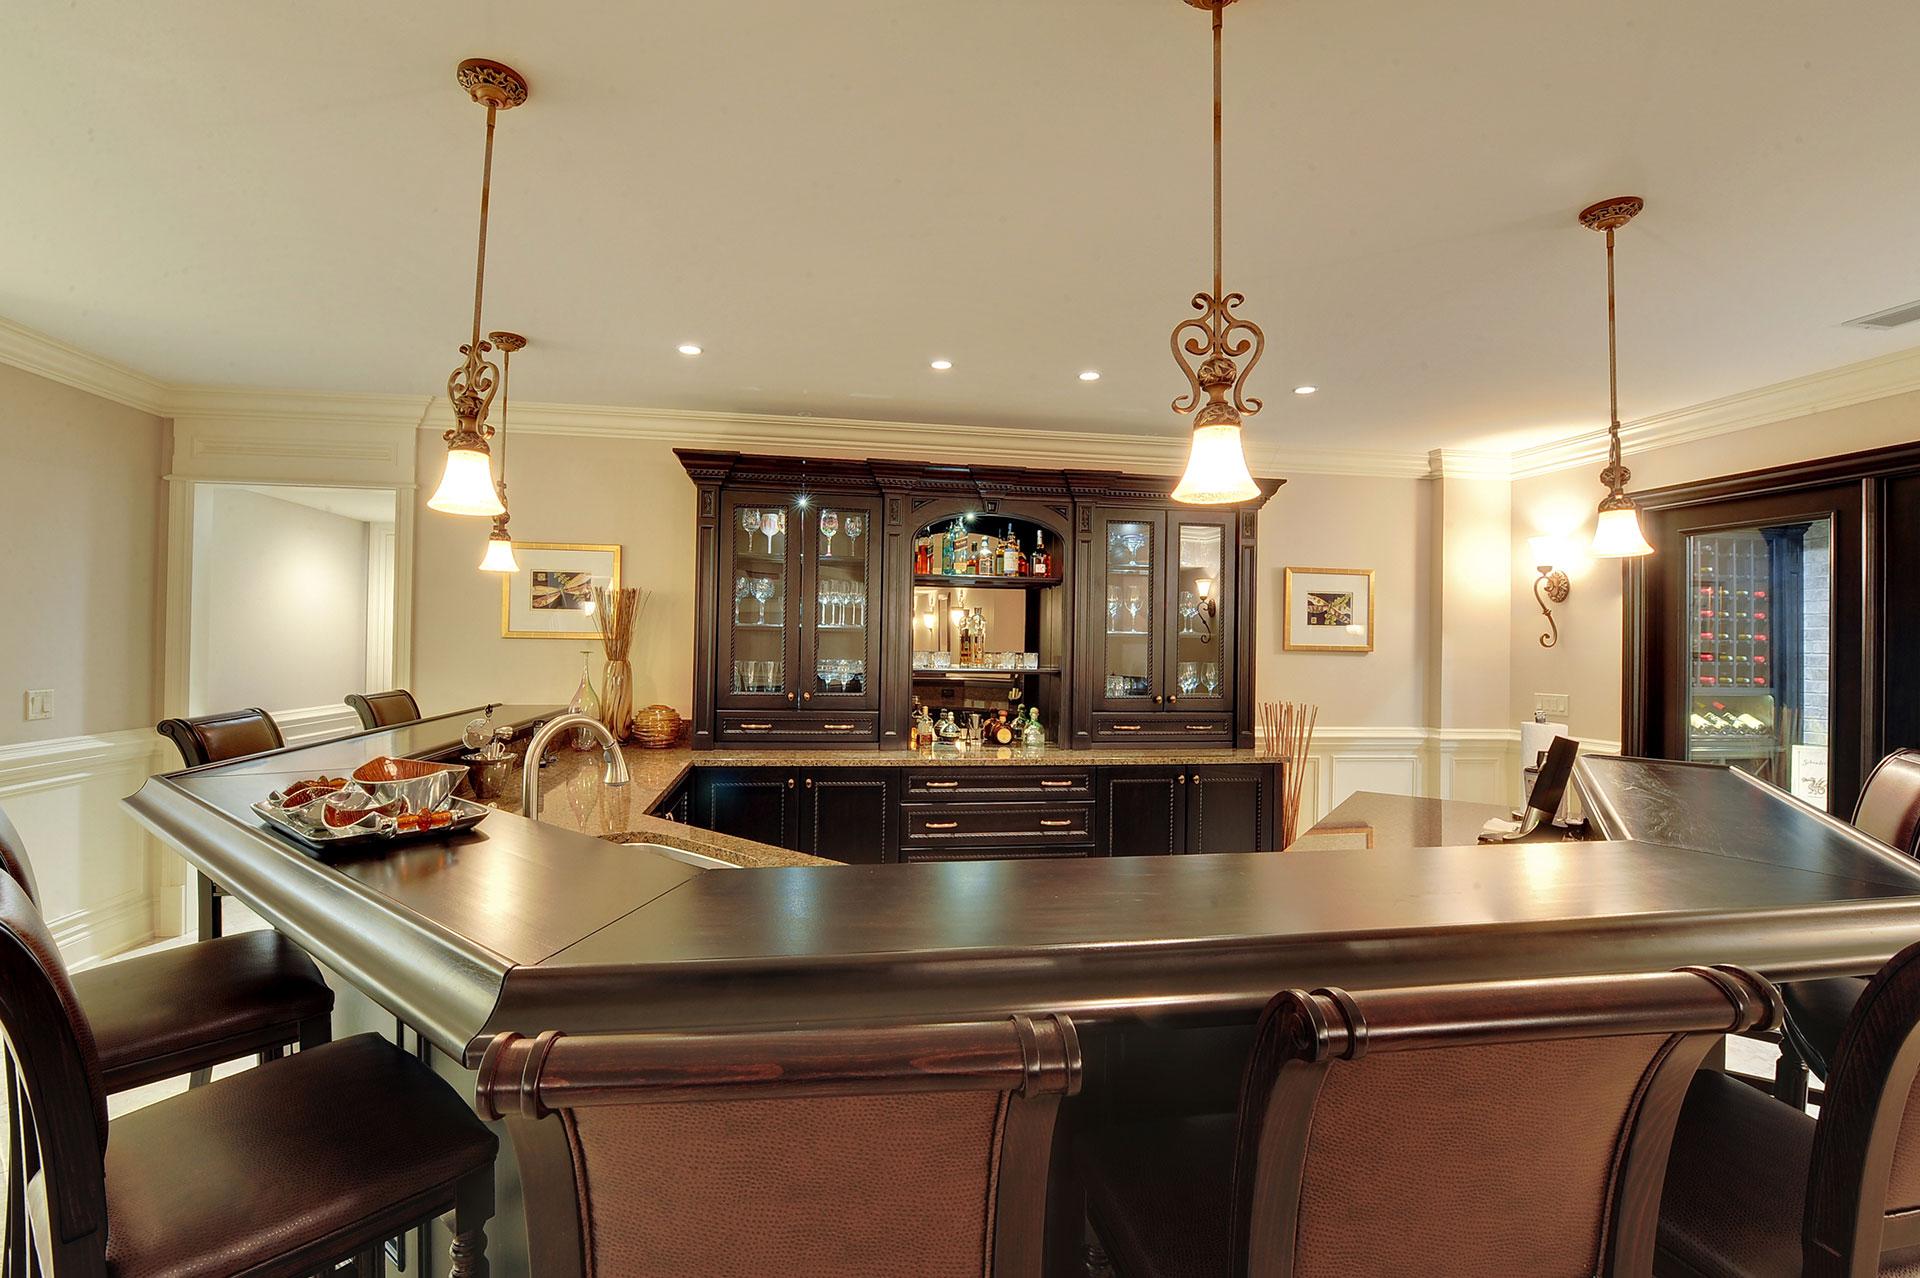 Glenview haus chicago showroom custom doors wine cellars for Top haus countertops